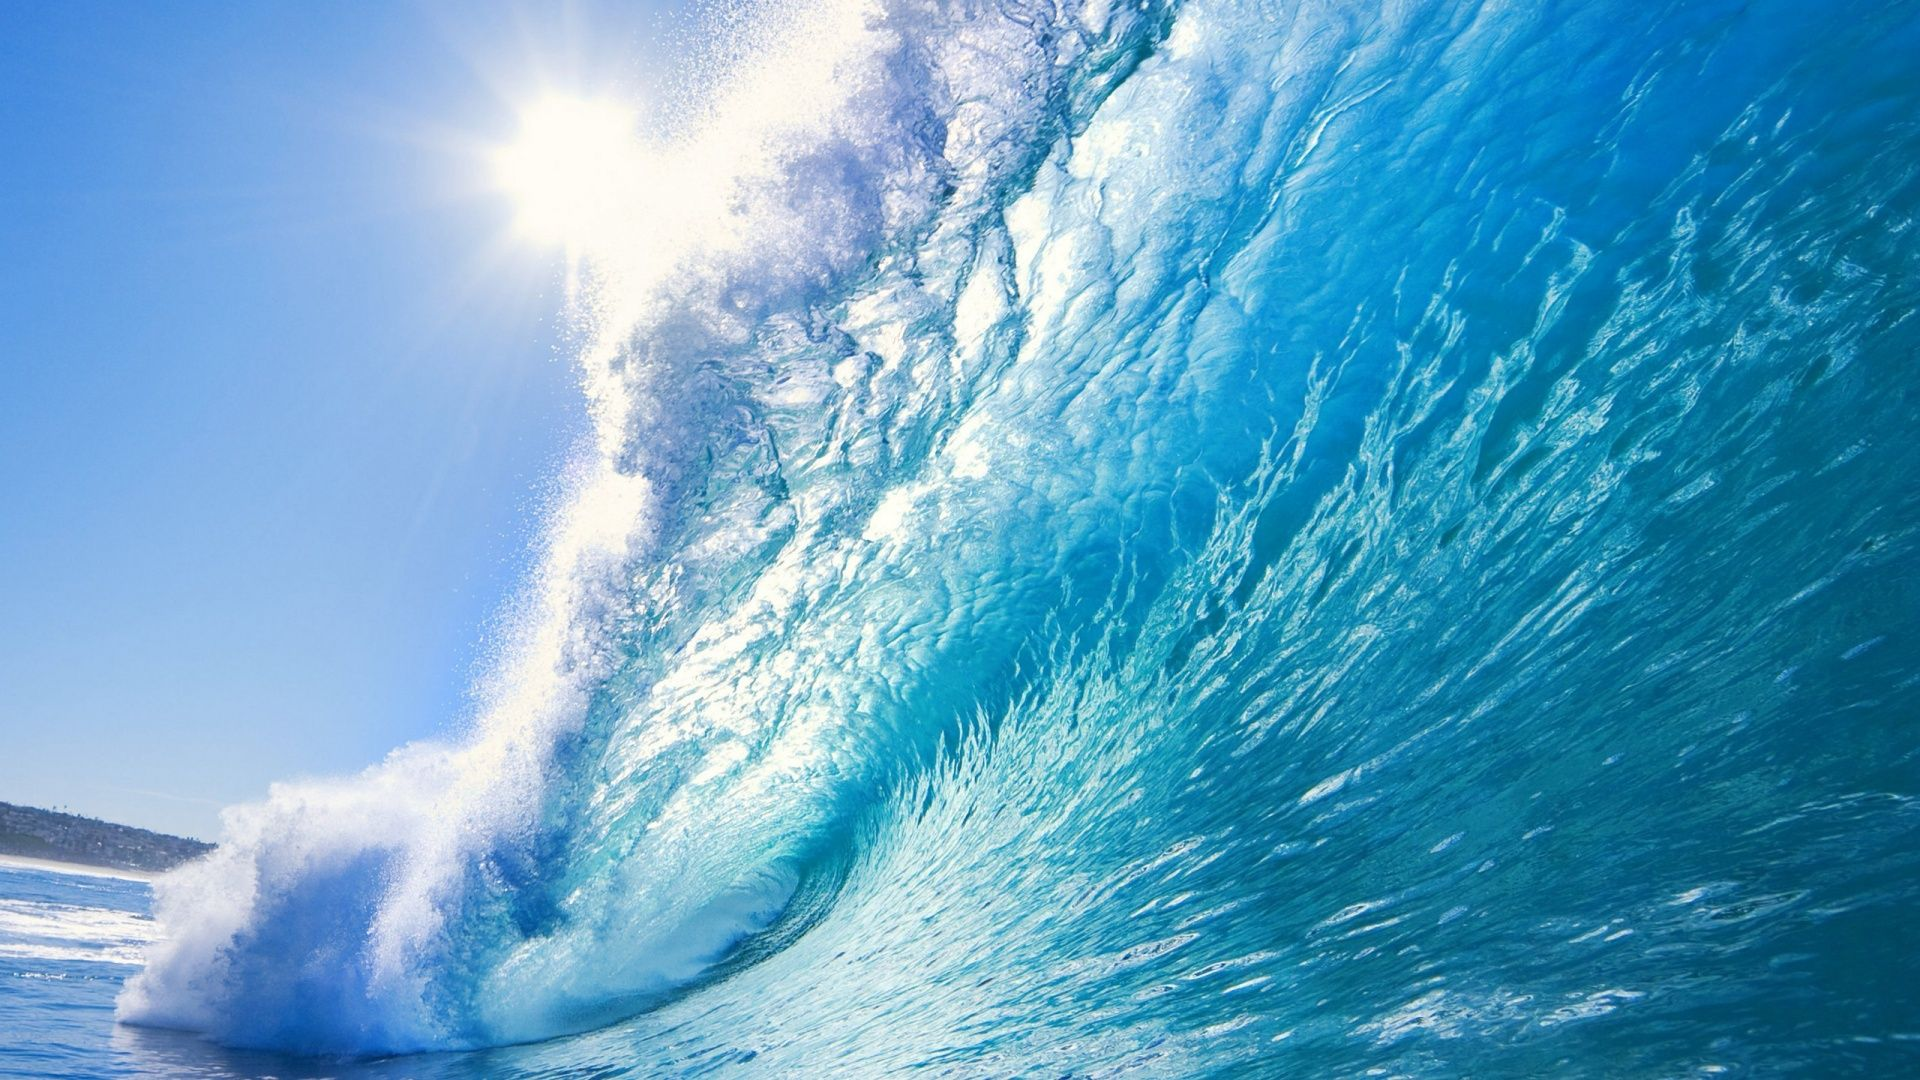 Ocean Themed Wallpaper